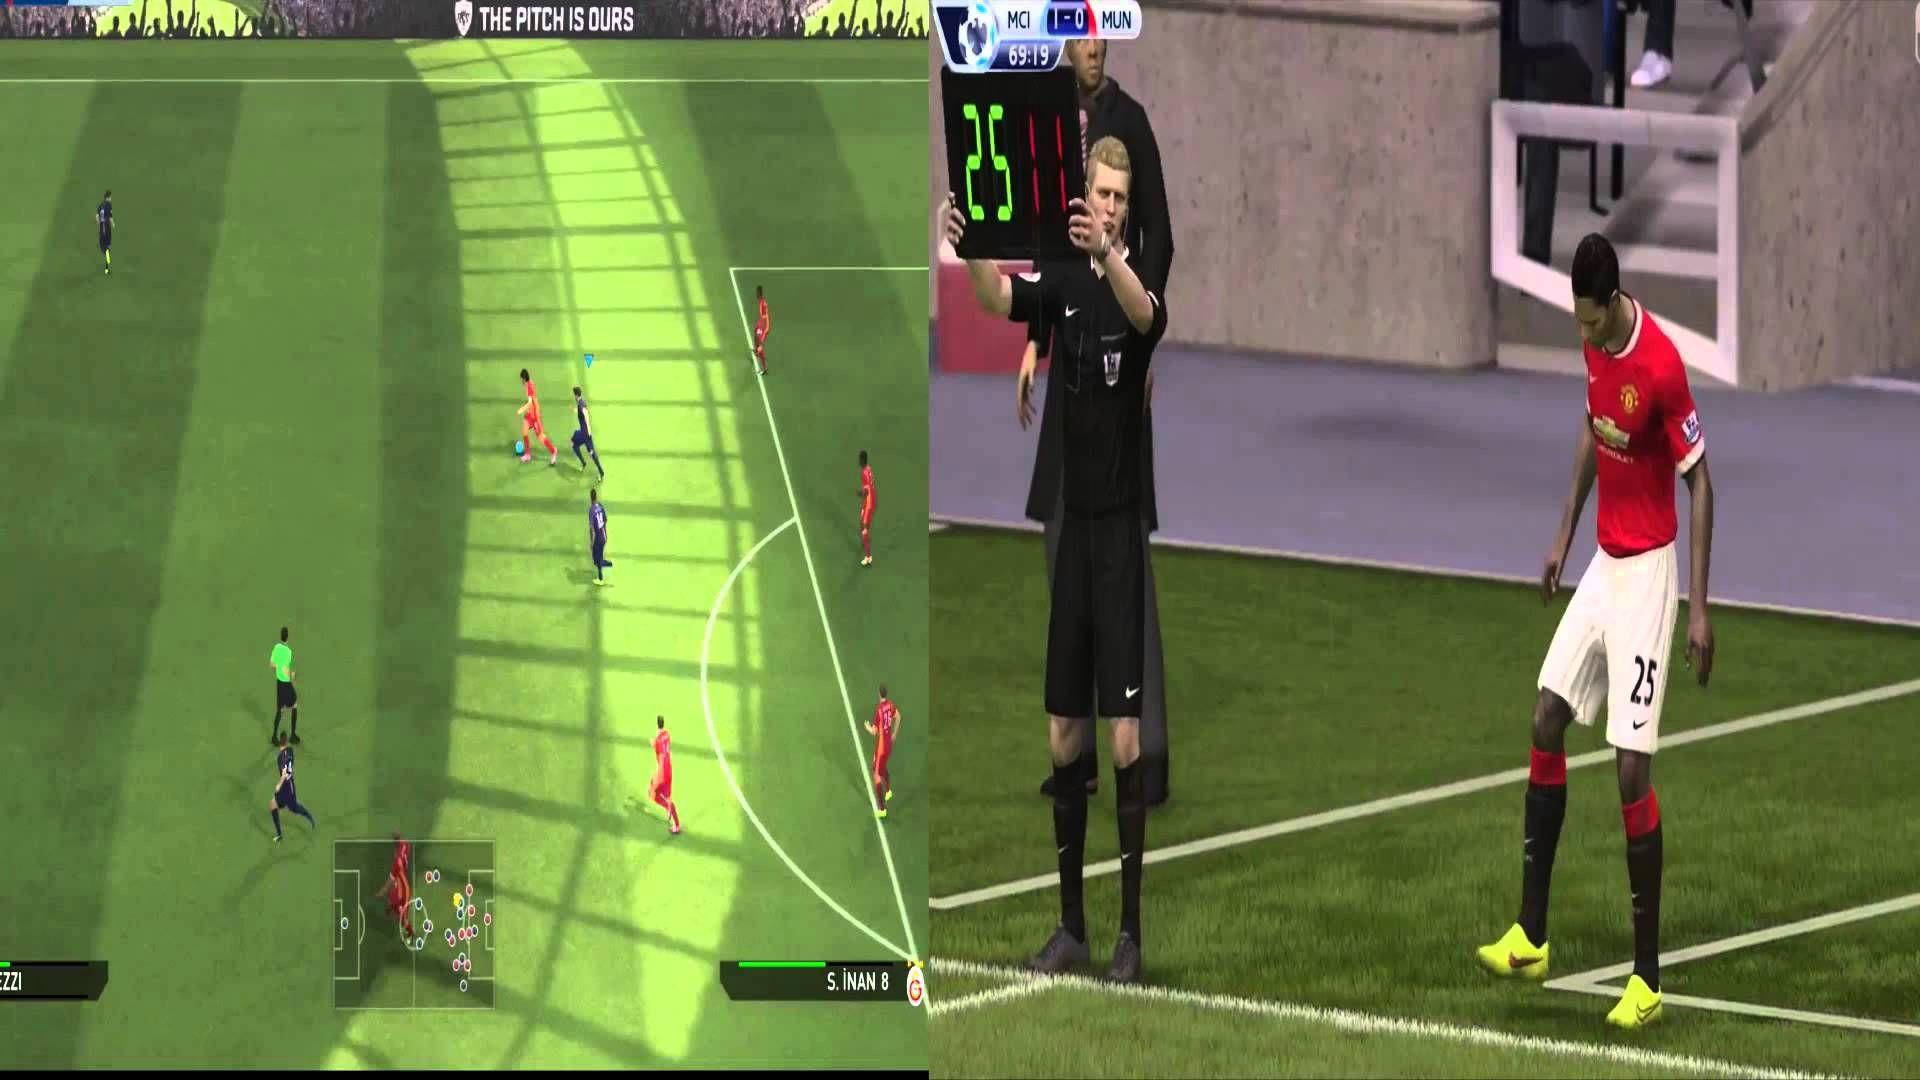 Fifa 15 Ps3 Vs Ps4